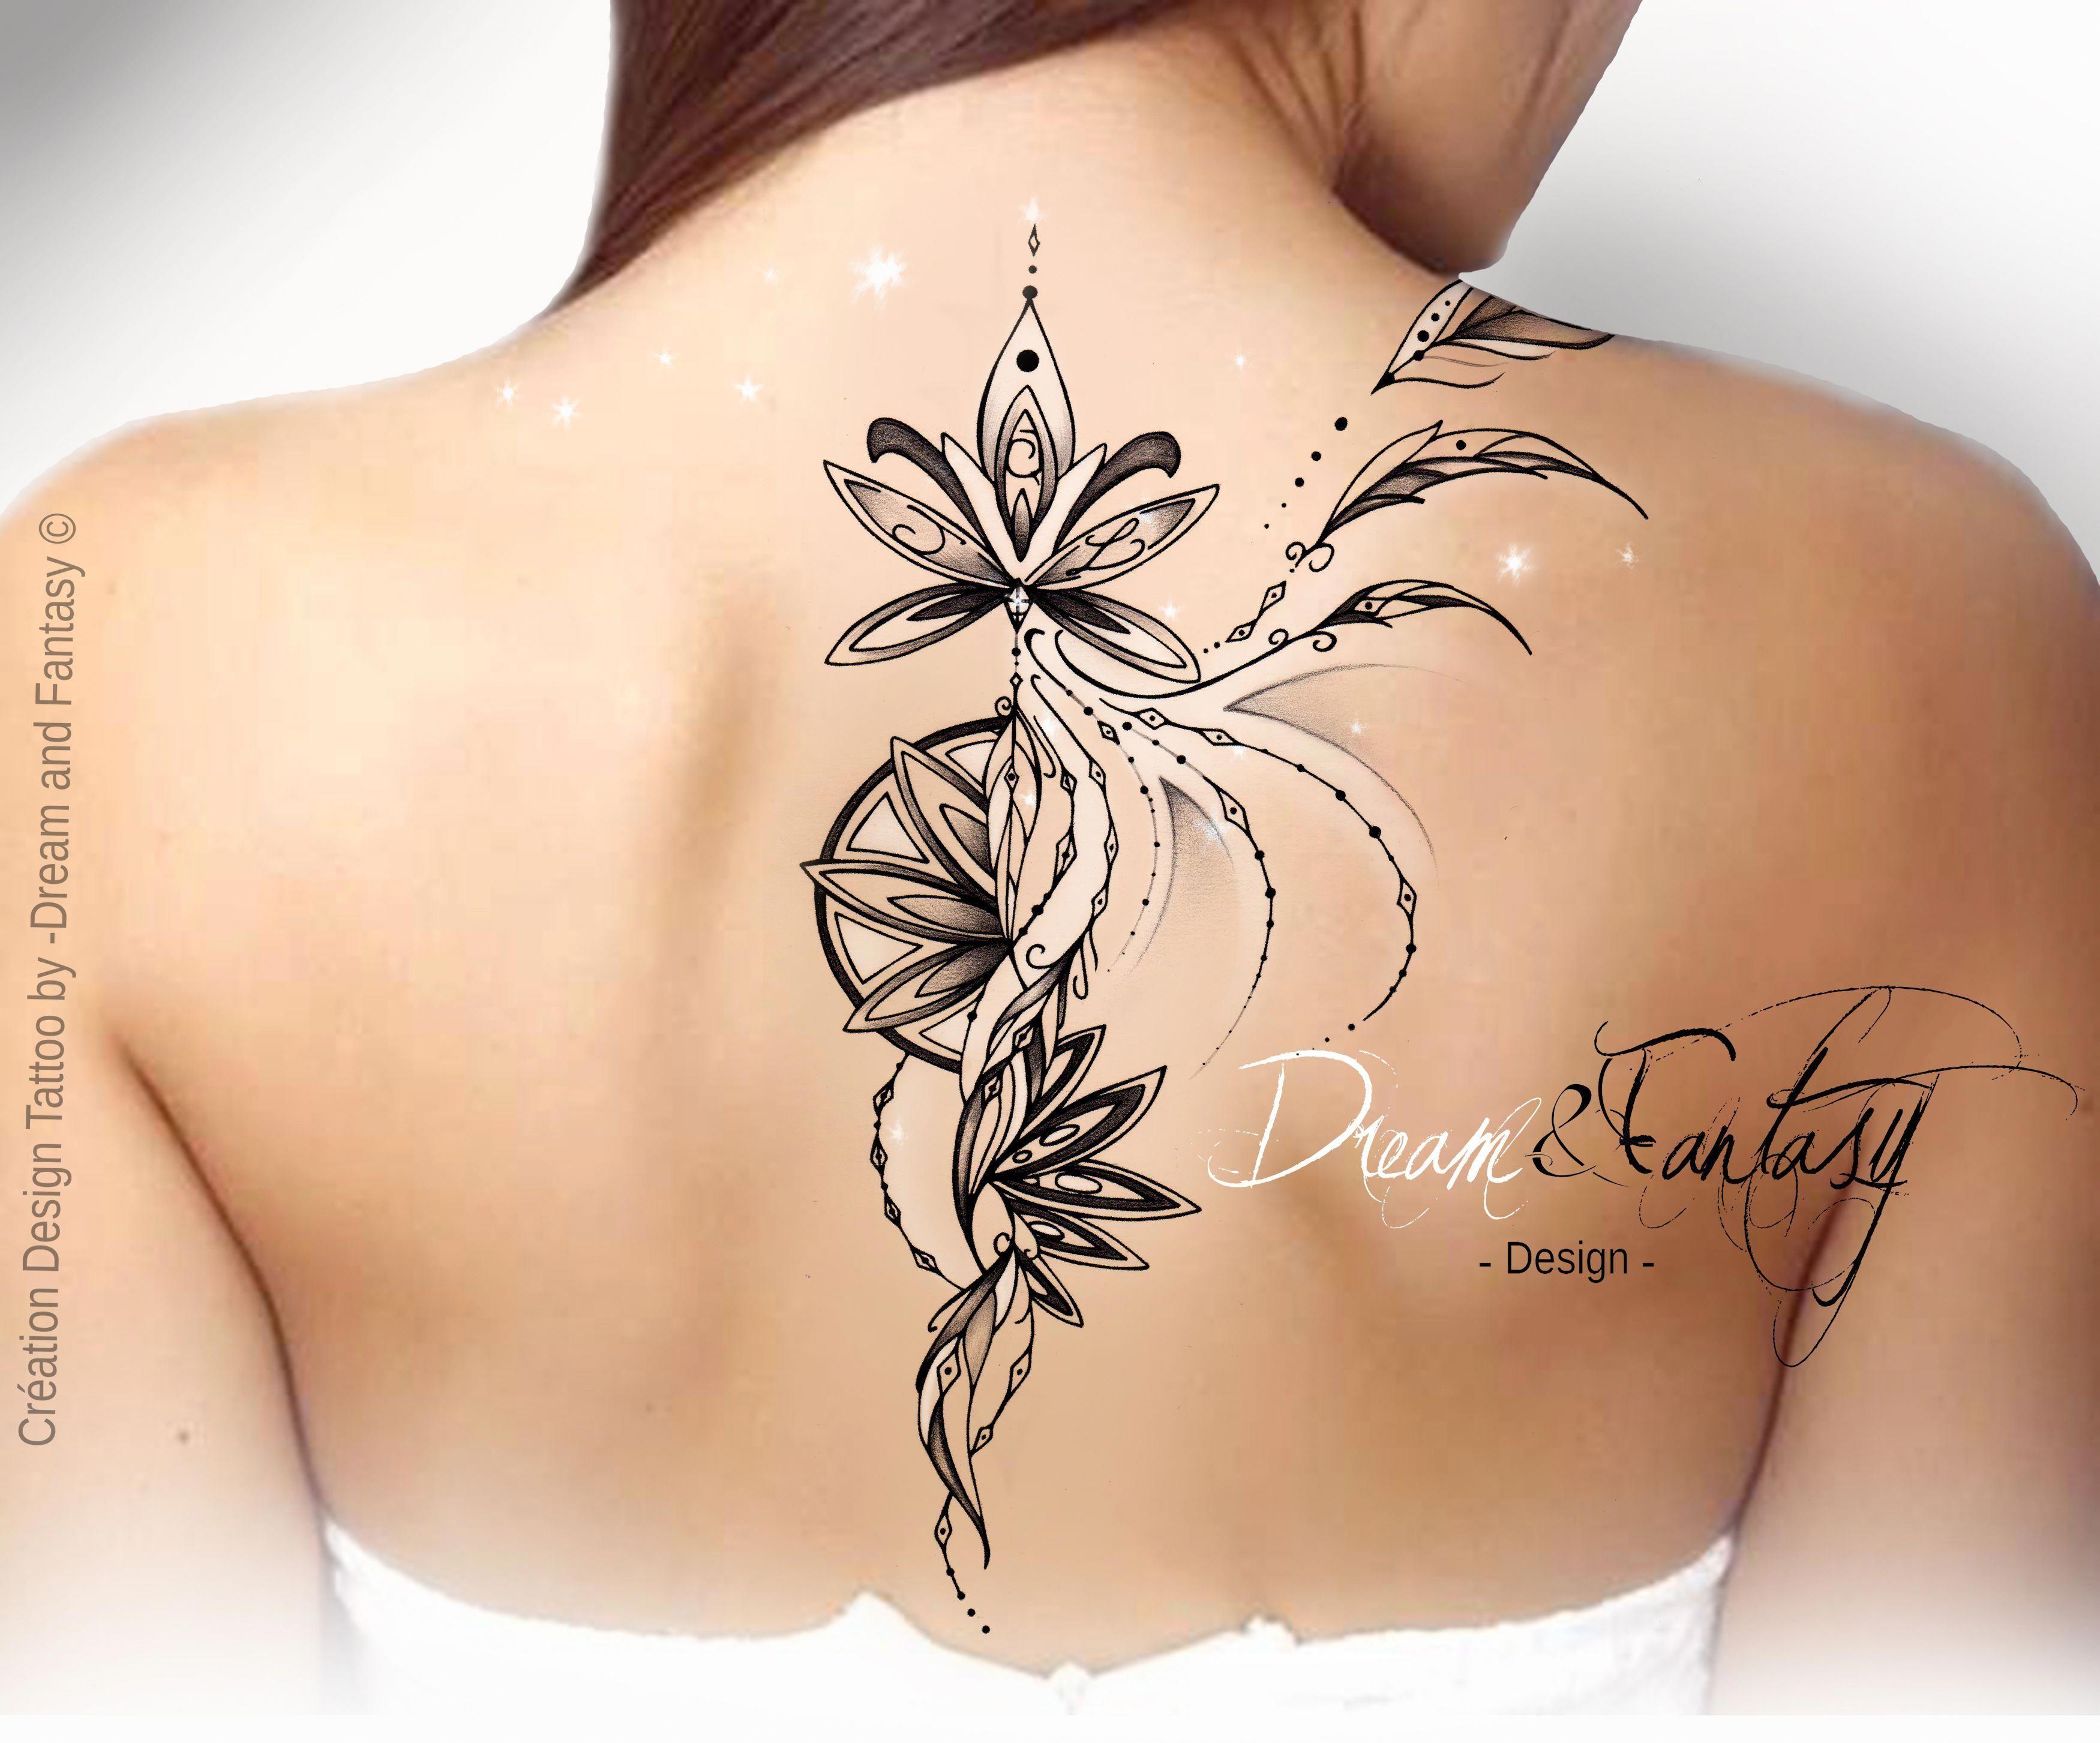 Fajne tatuaze na plecy